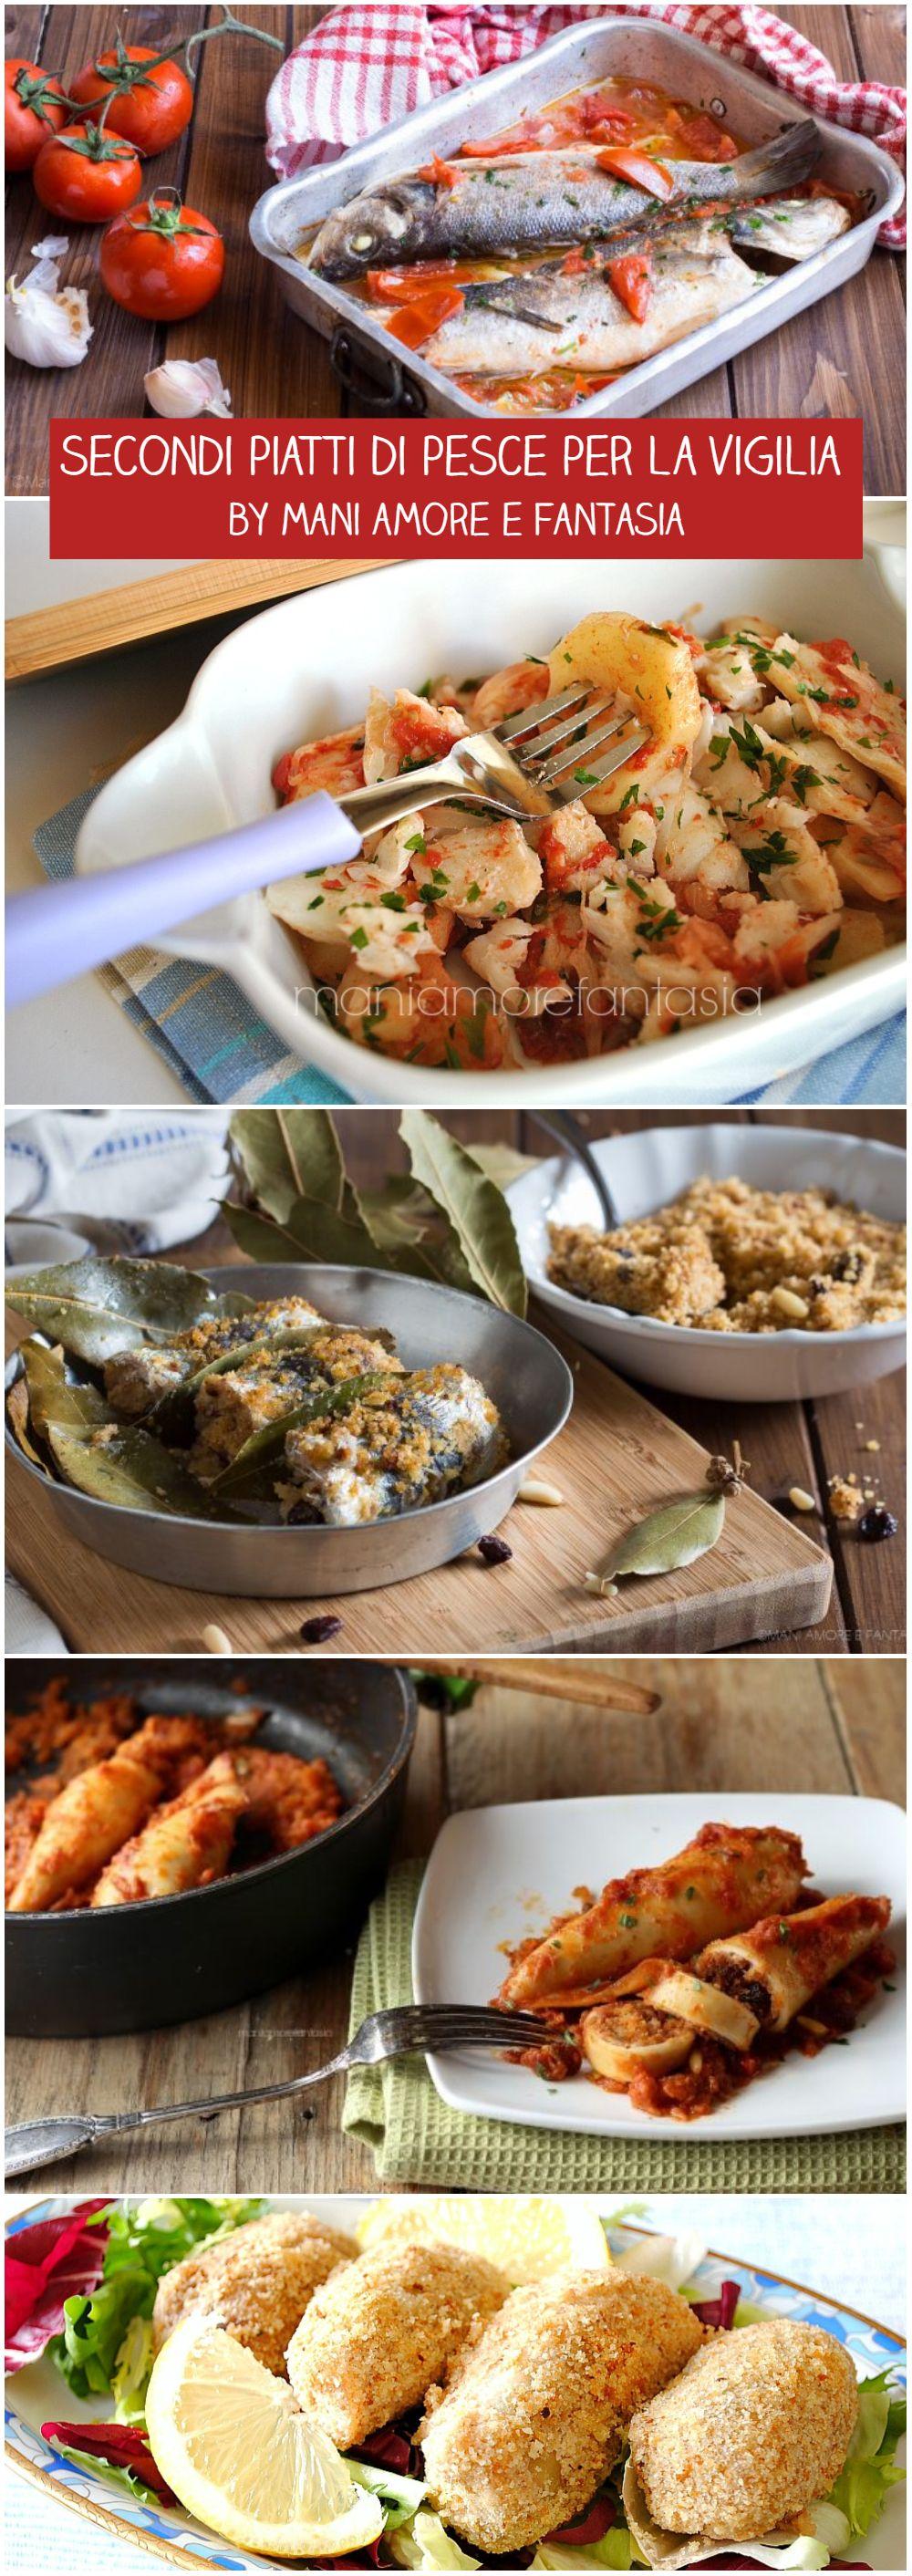 Cosa Cucinare Il 24 Dicembre secondi piatti a base di pesce per la vigilia | ricette